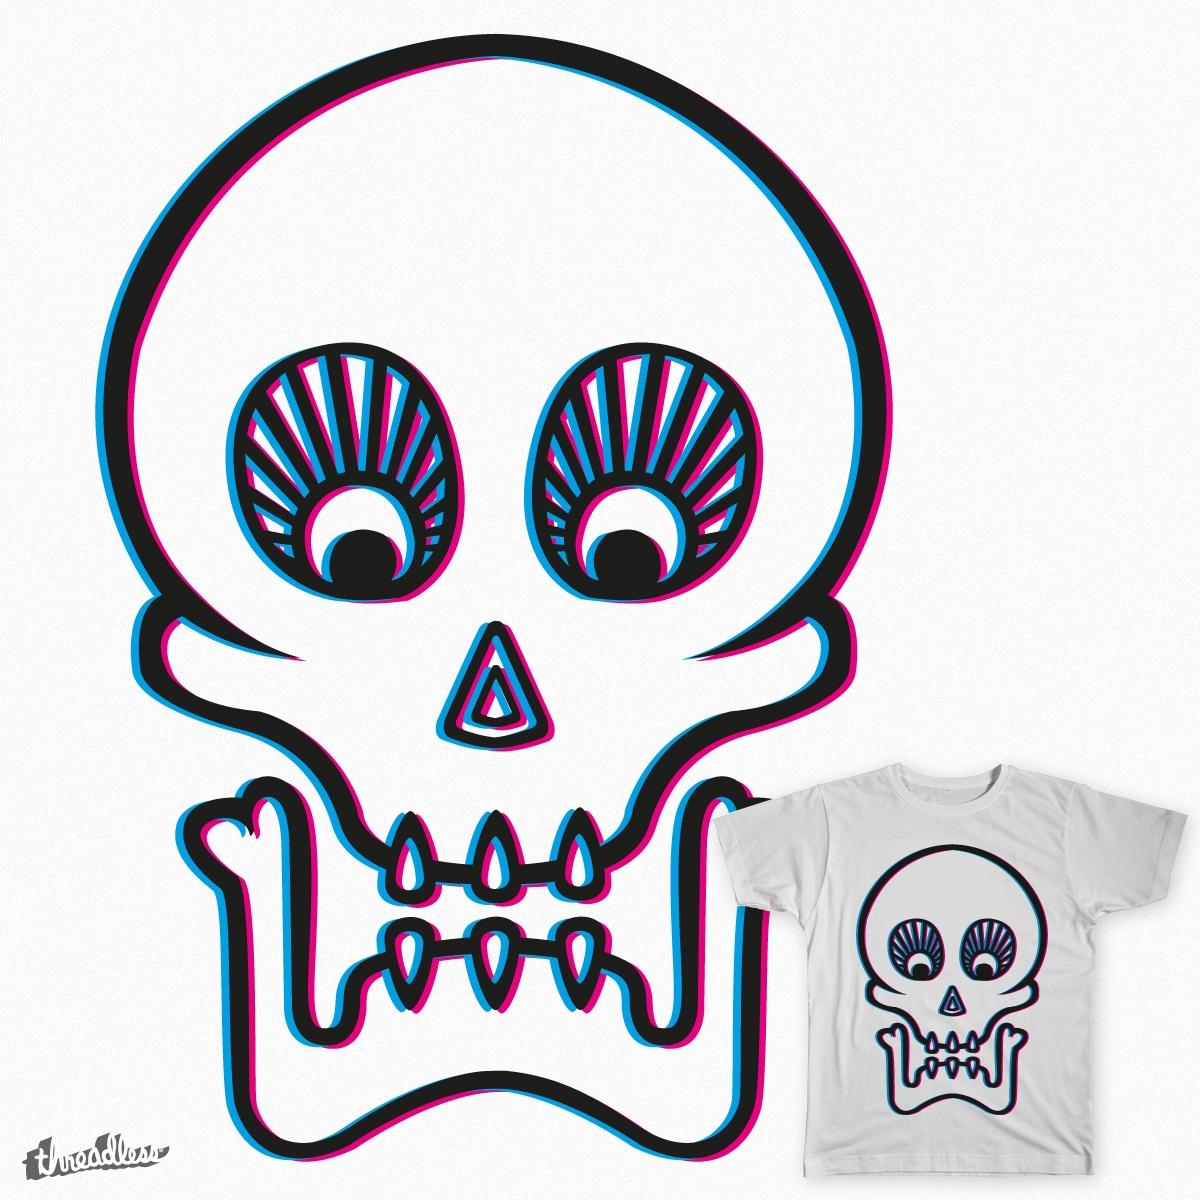 Skull by Jaisiel on Threadless